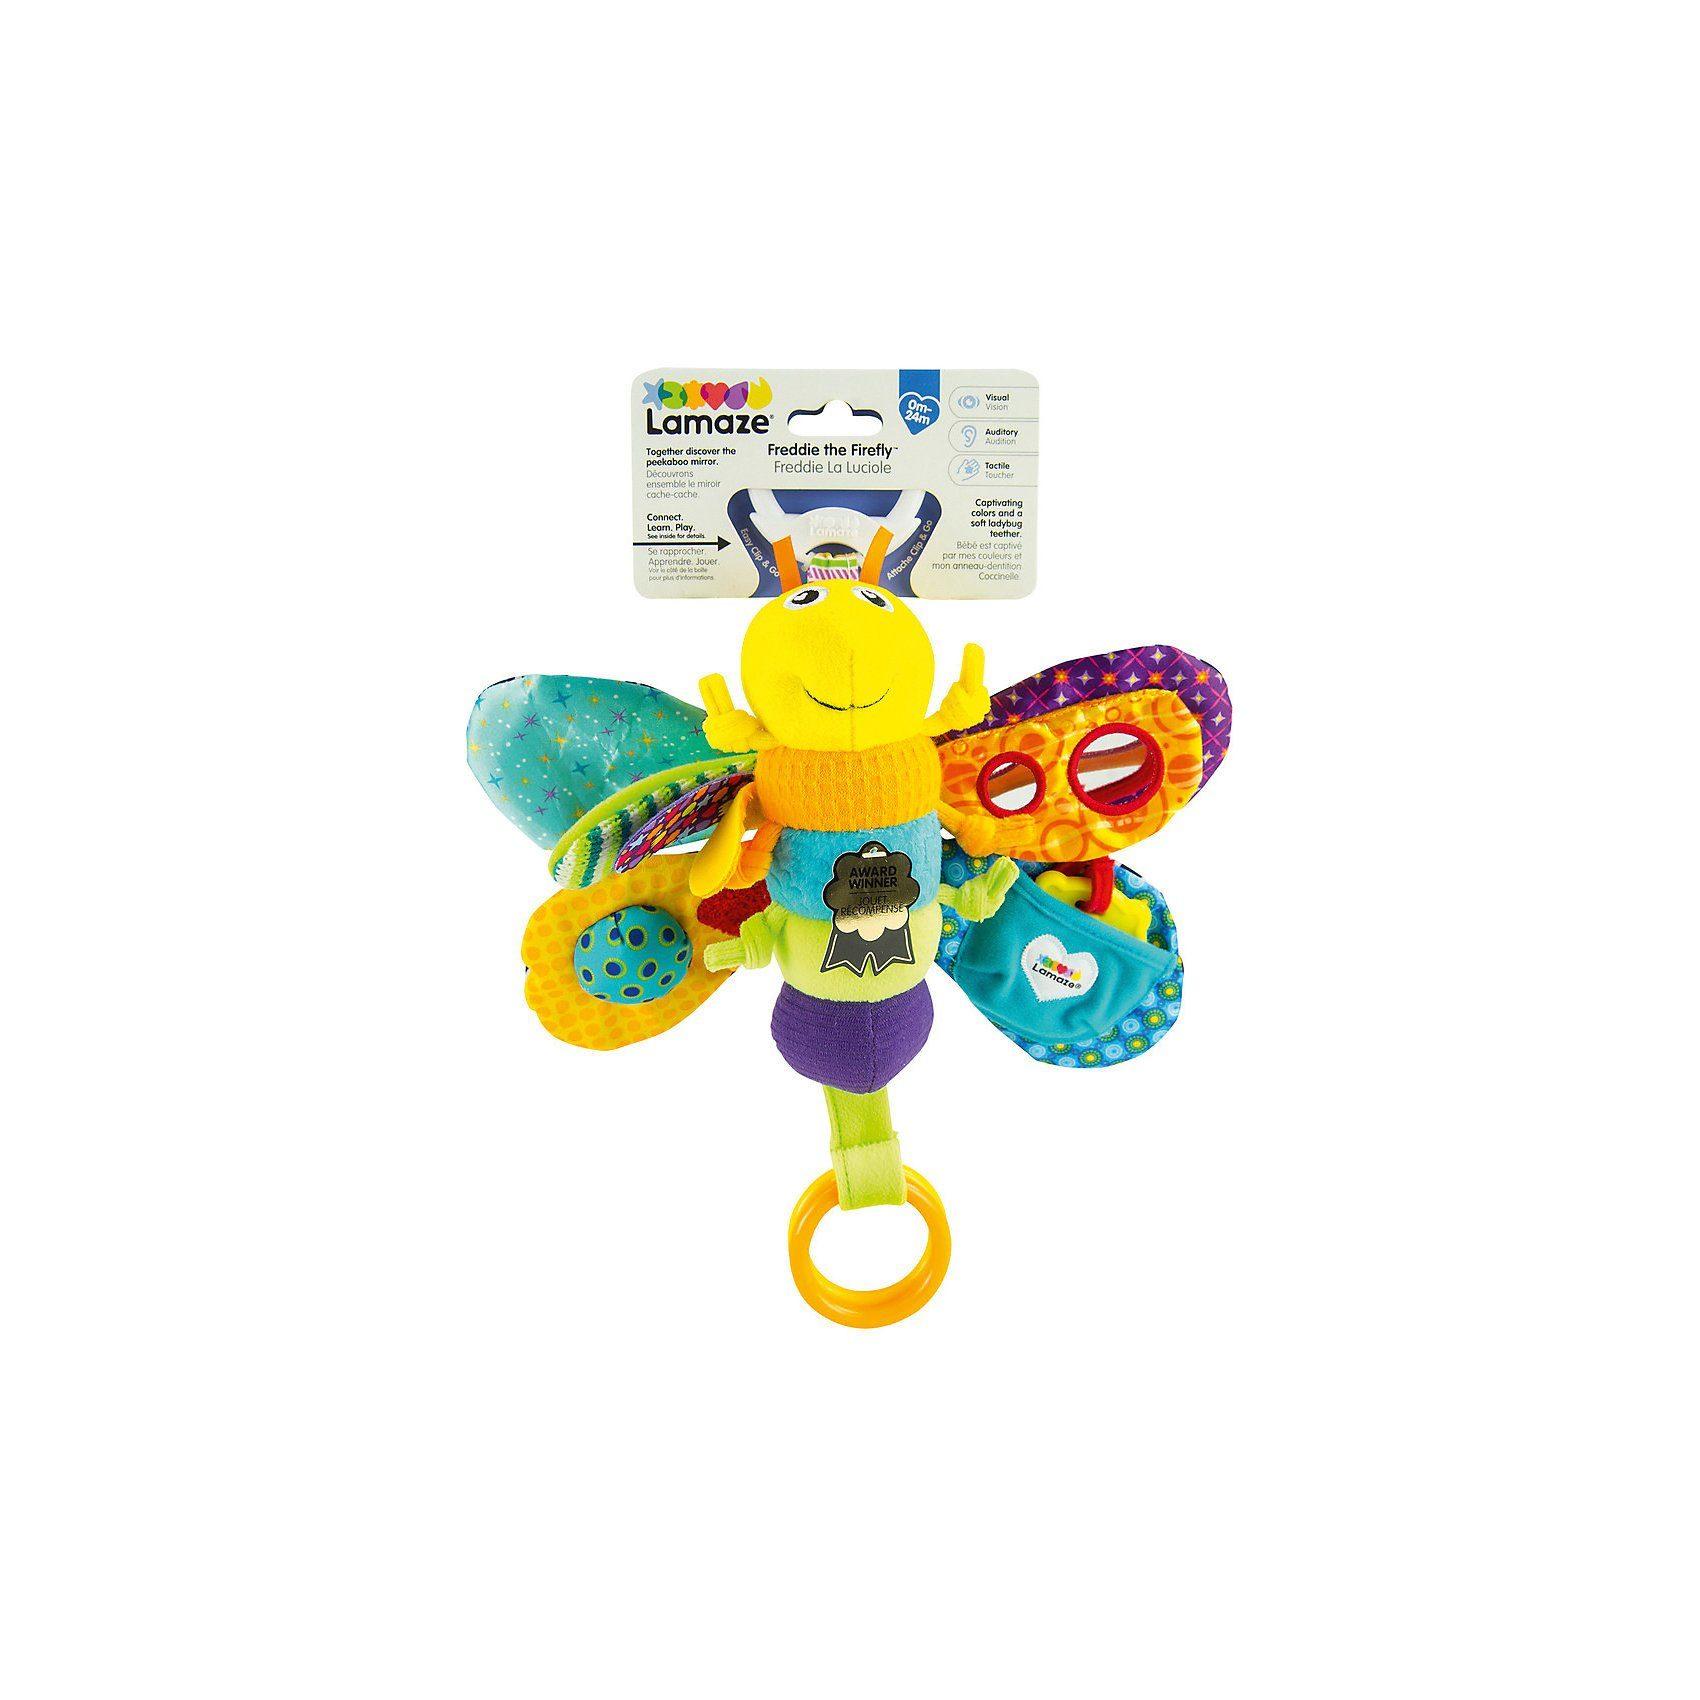 Lamaze Spieltier - Freddie, das Glühwürmchen